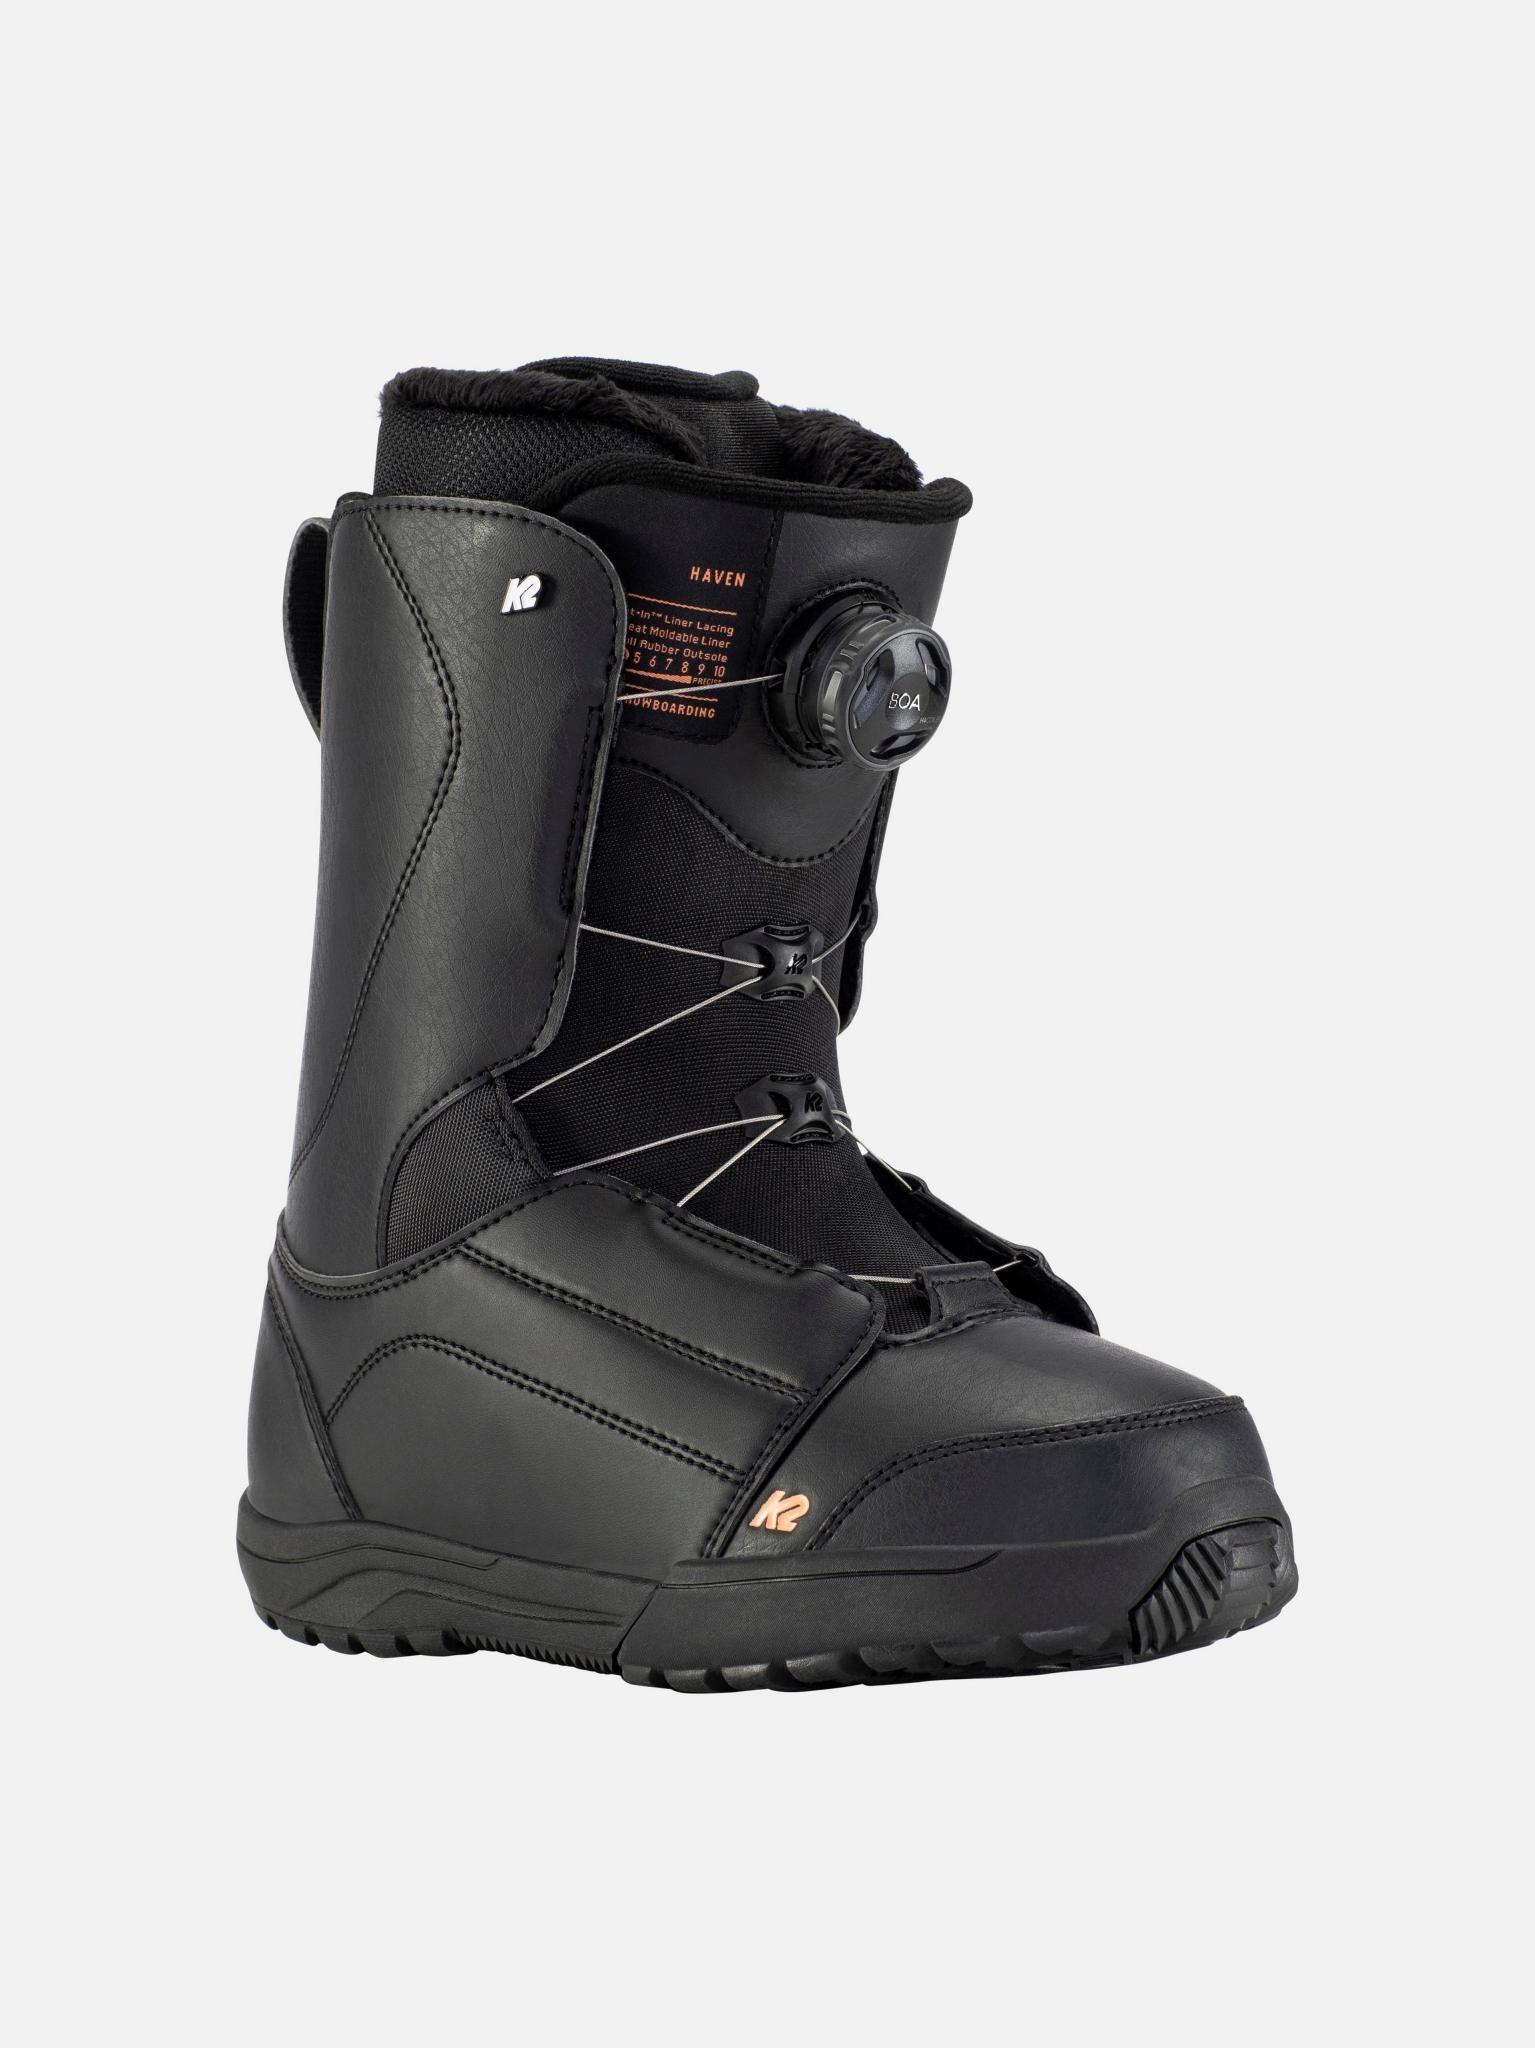 K2 K2 Women's Haven Snowboard Boot